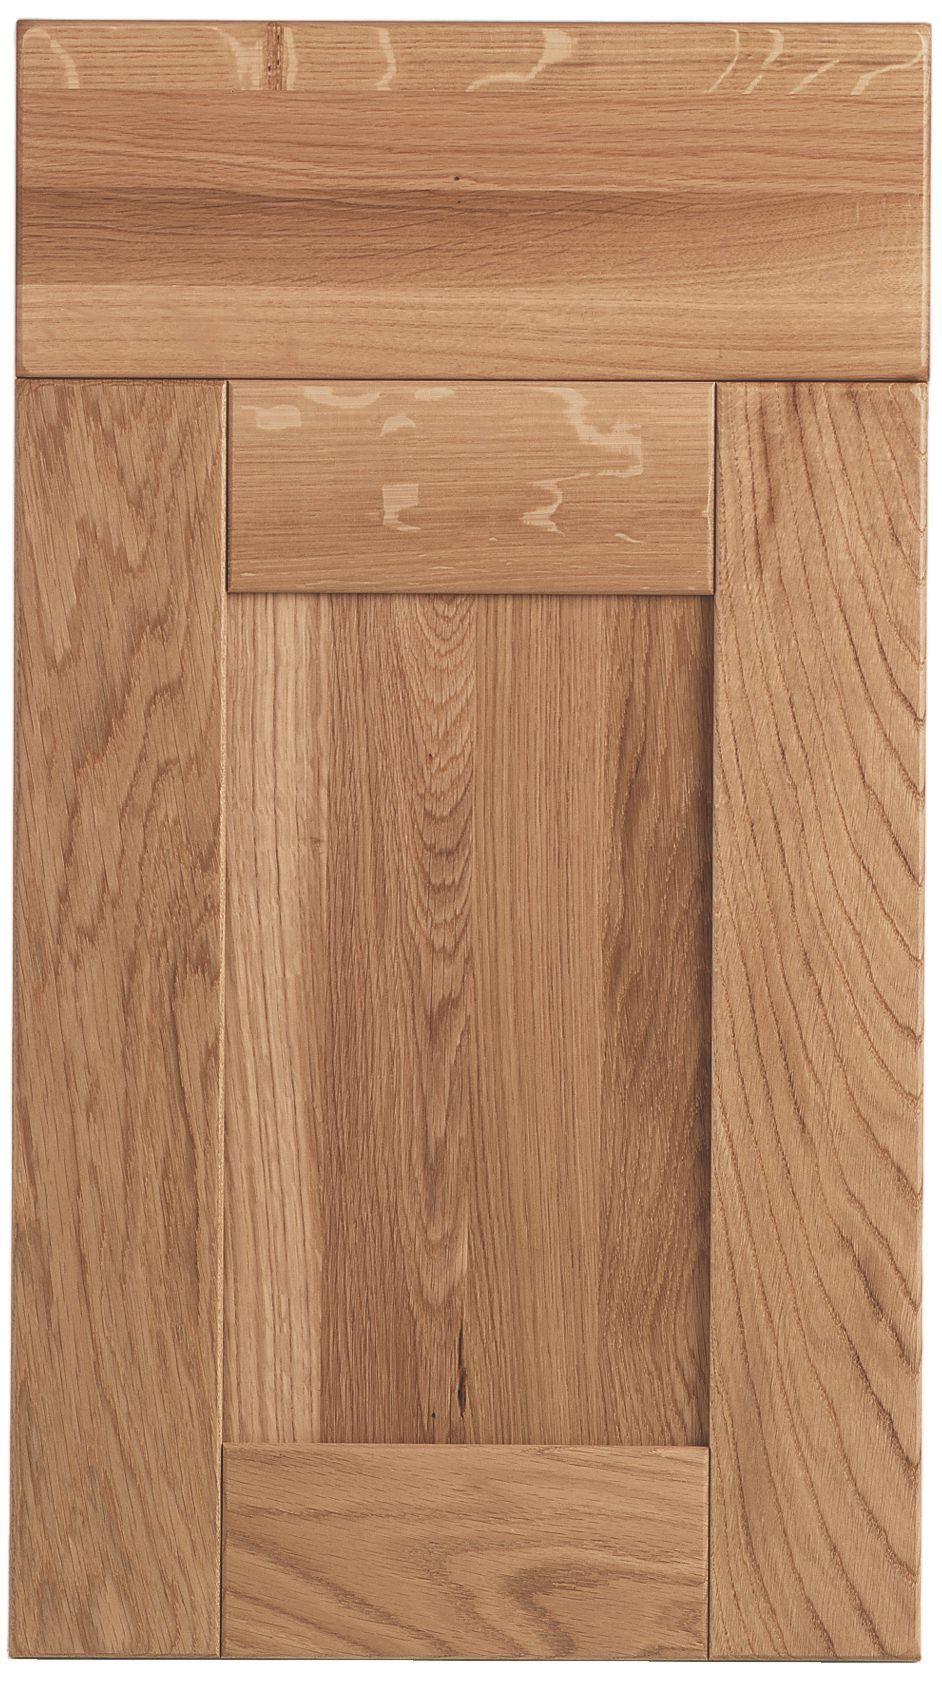 Cooke Amp Lewis Chesterton Solid Oak Drawerline Door